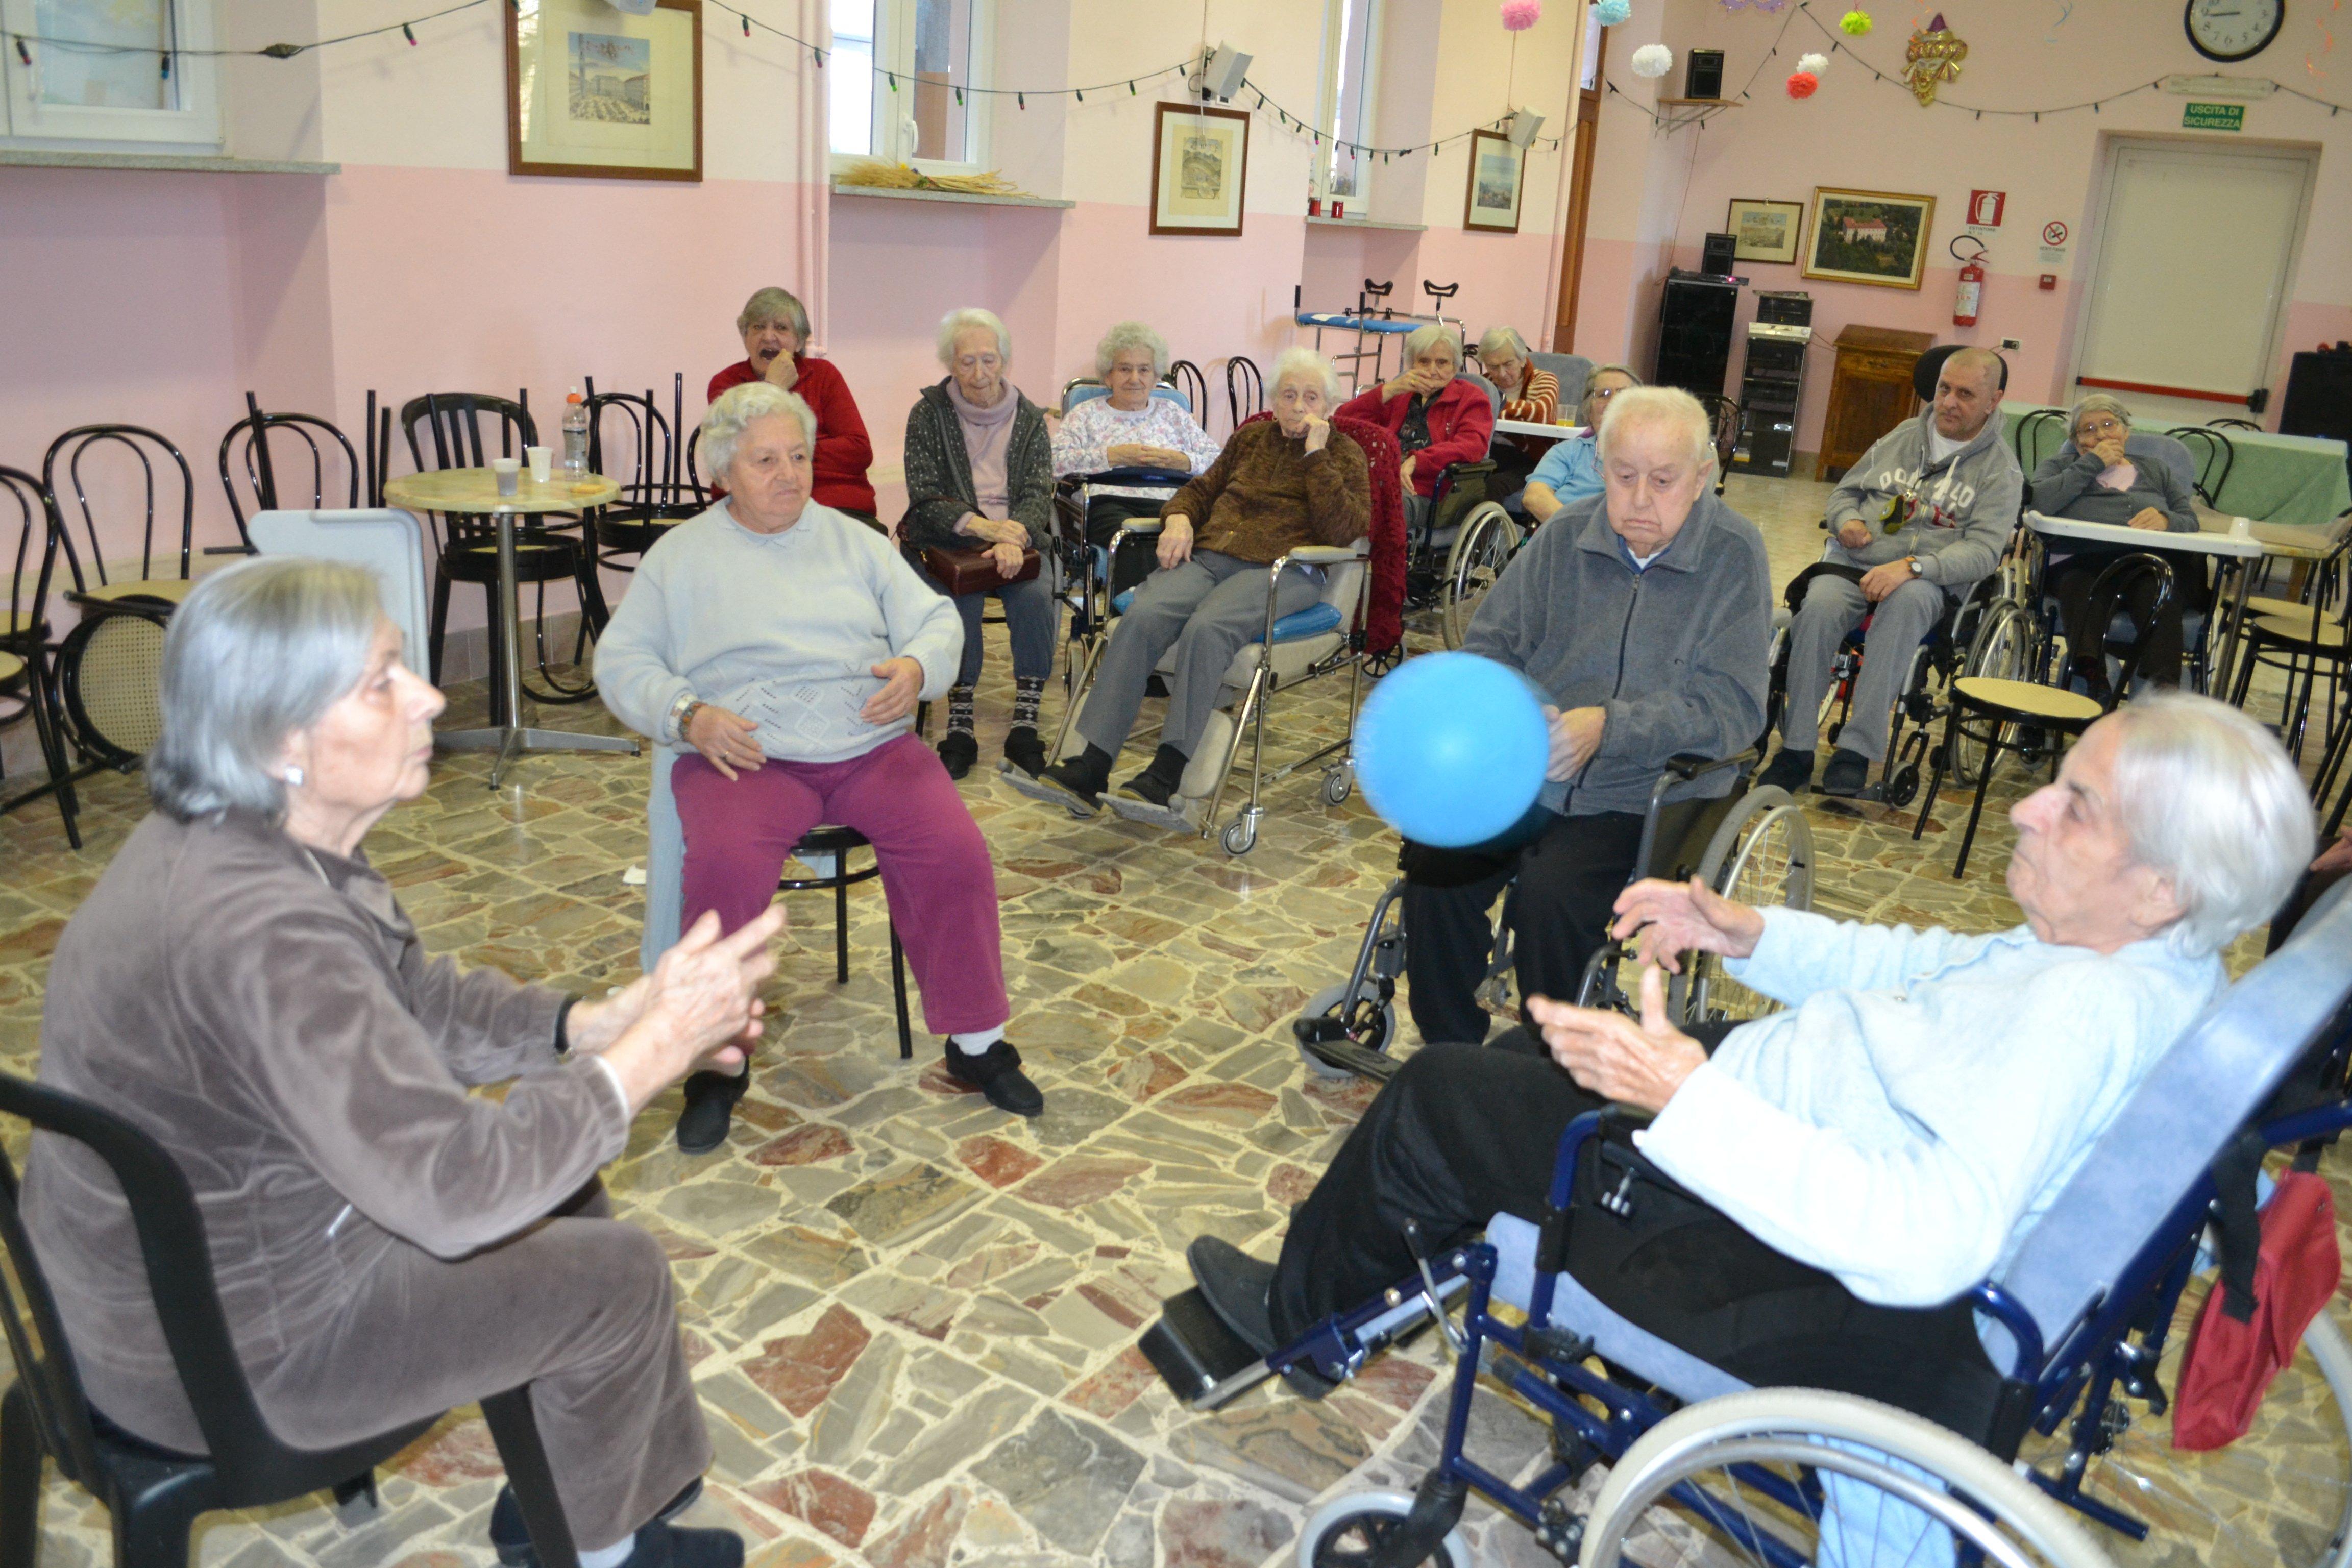 gruppo di persone anziane che giocano